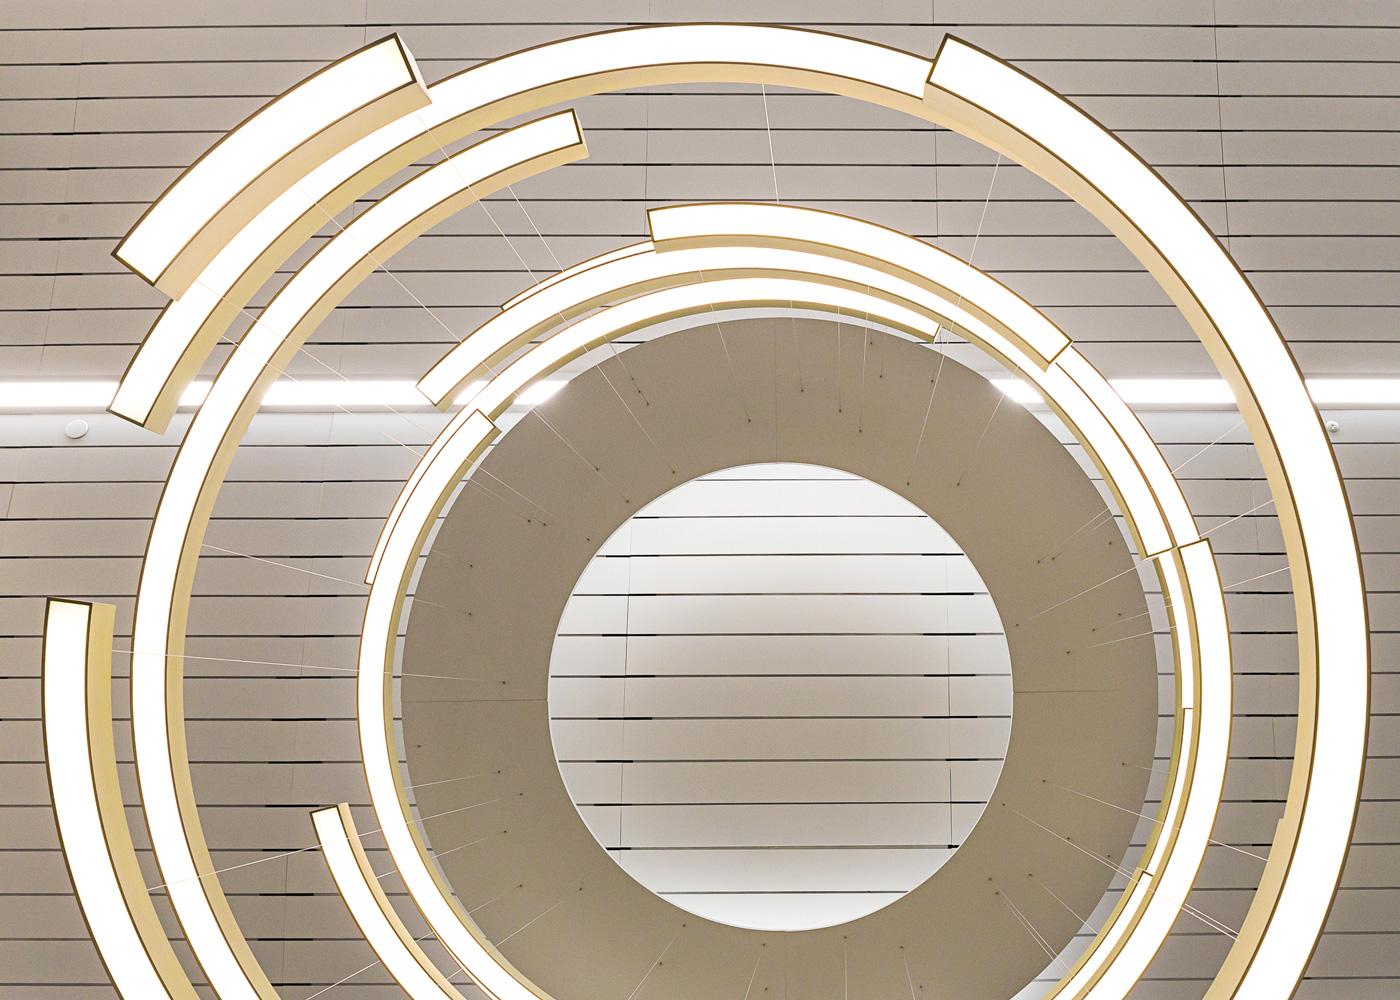 Flurry lighting installation by LUUM